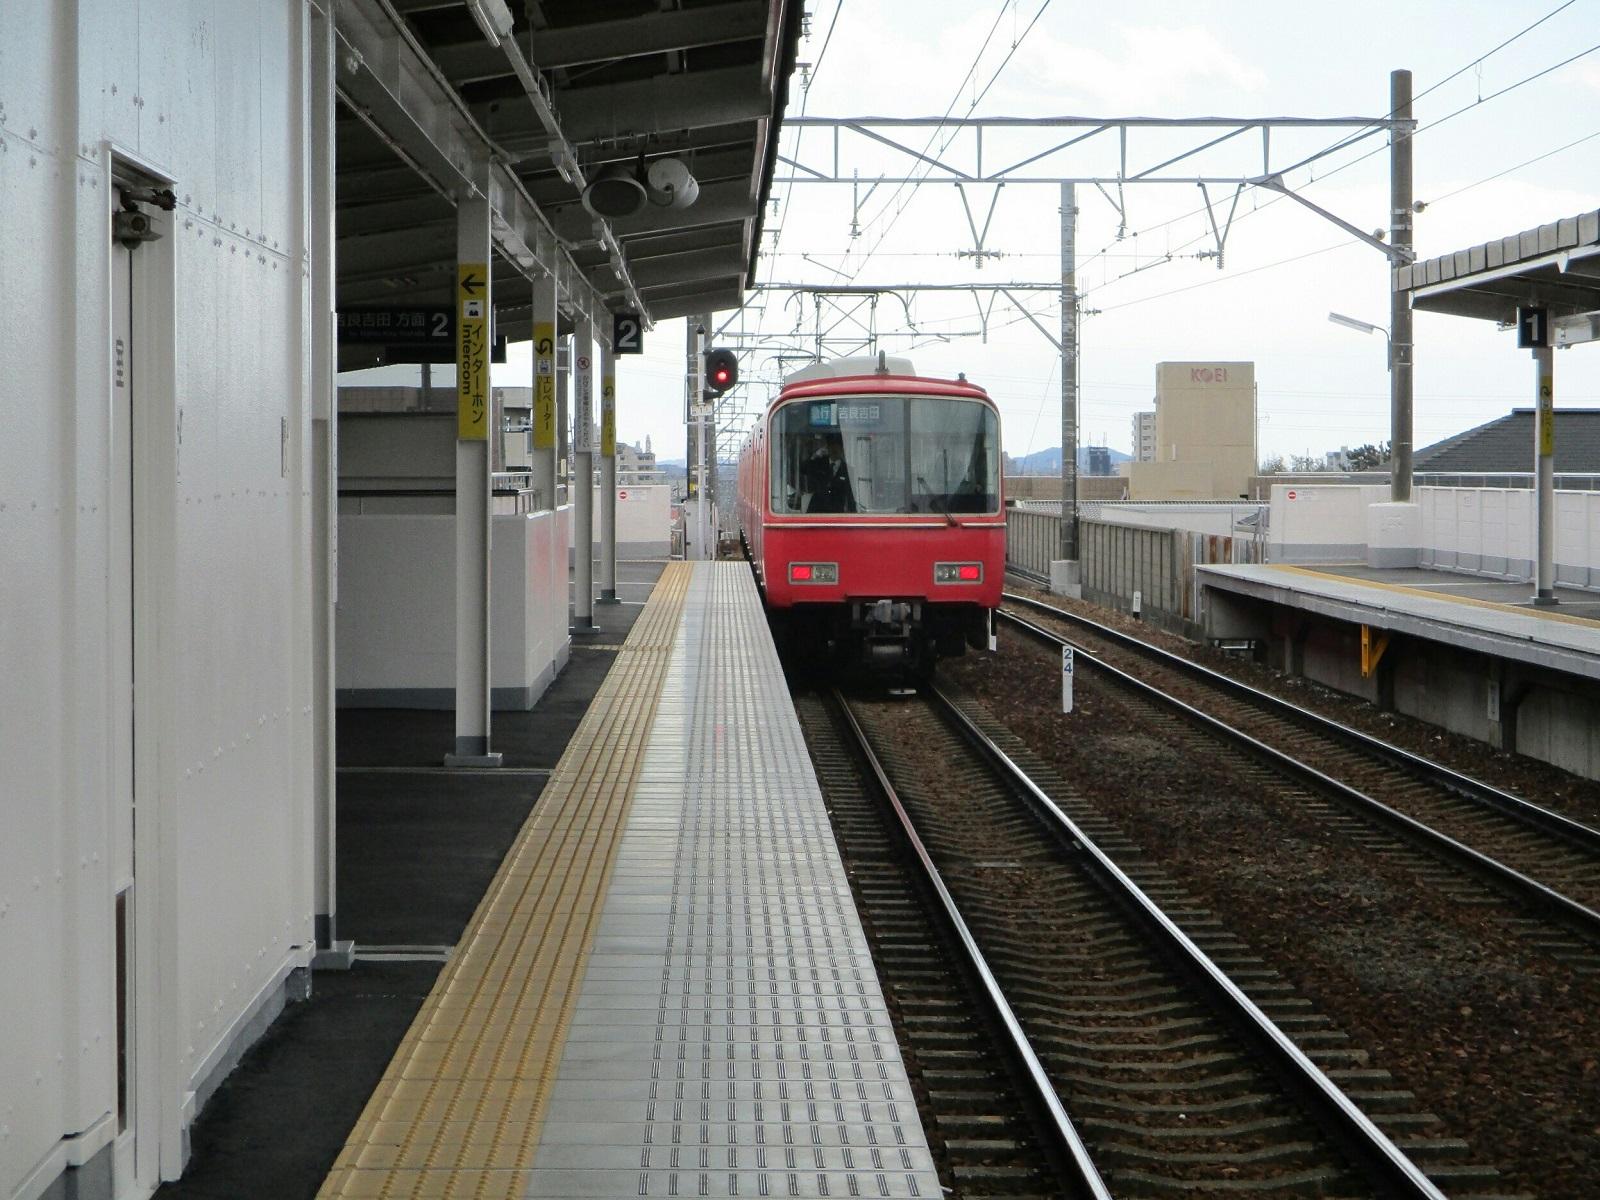 2019.3.31 (12) みなみあんじょう - 吉良吉田いき急行 1600-1200